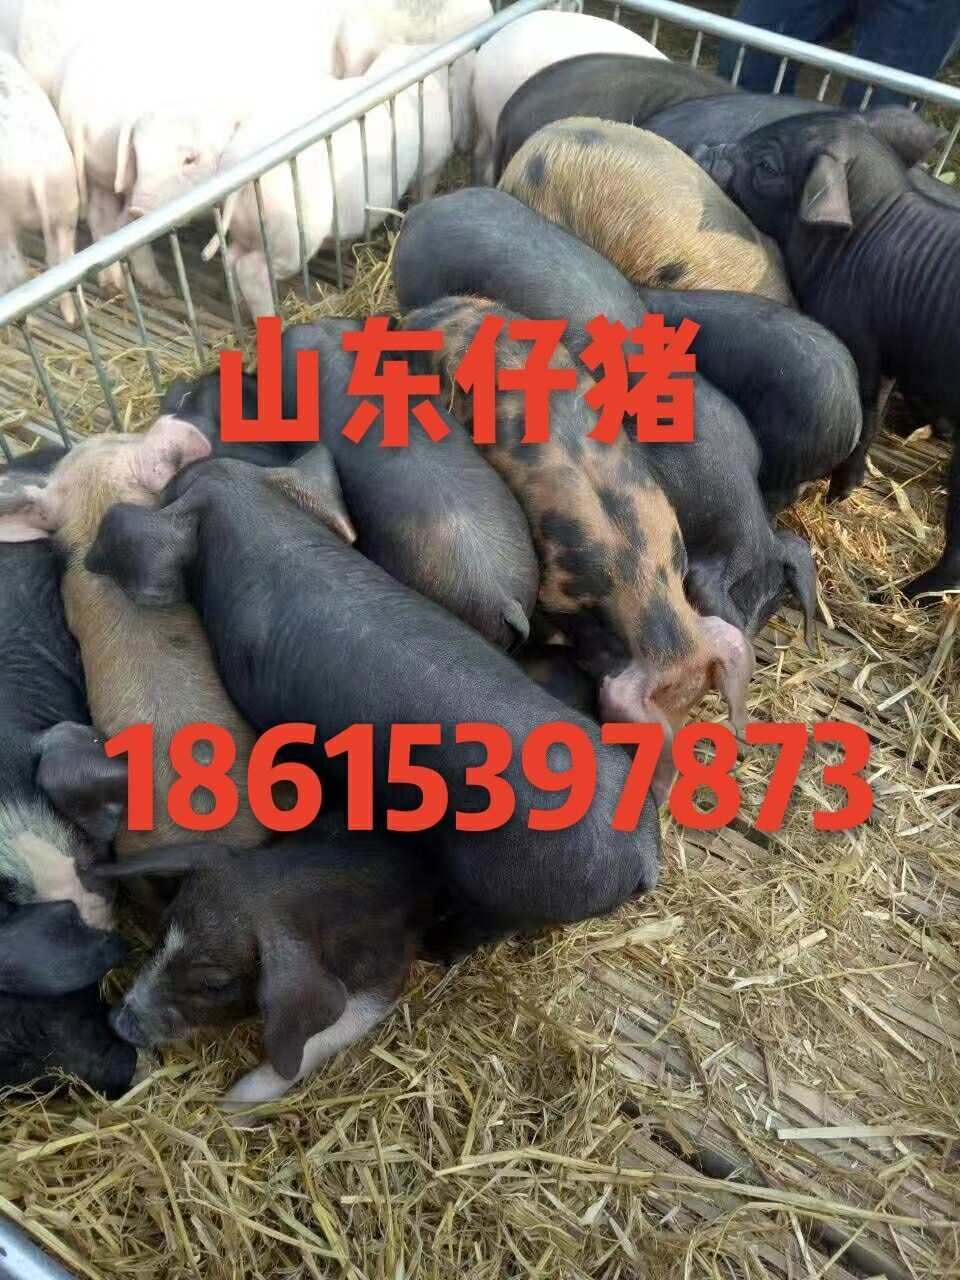 18615397873山东仔猪价格行情